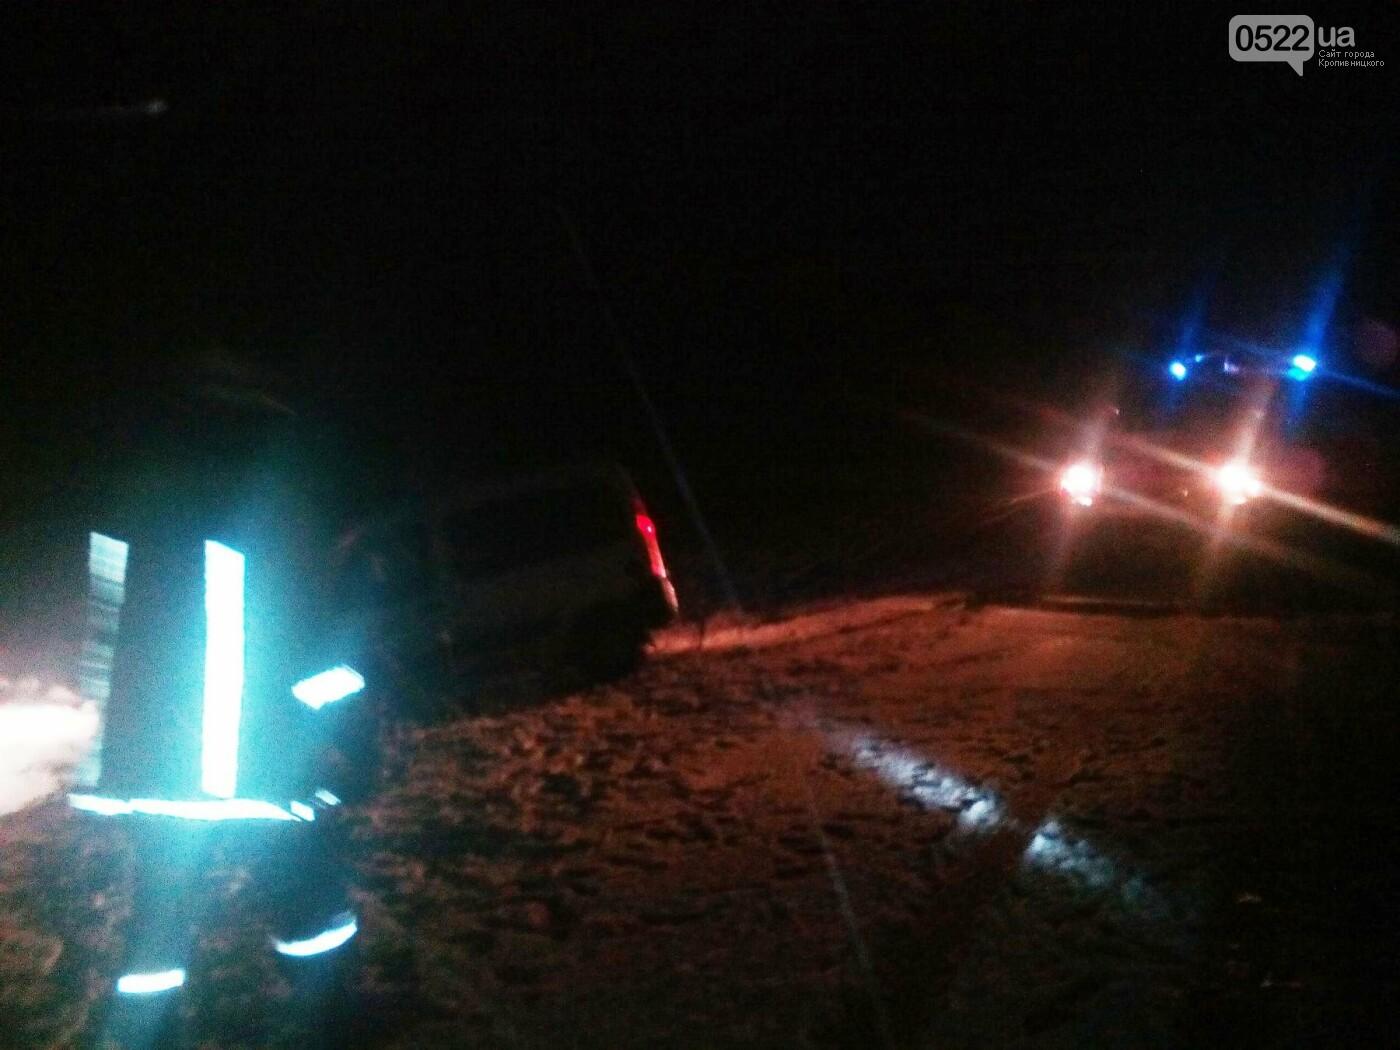 Кіровоградська область: протягом минулої доби рятувальники надали допомогу водіям 6 автотранспортних засобів по буксируванню (ФОТО), фото-3